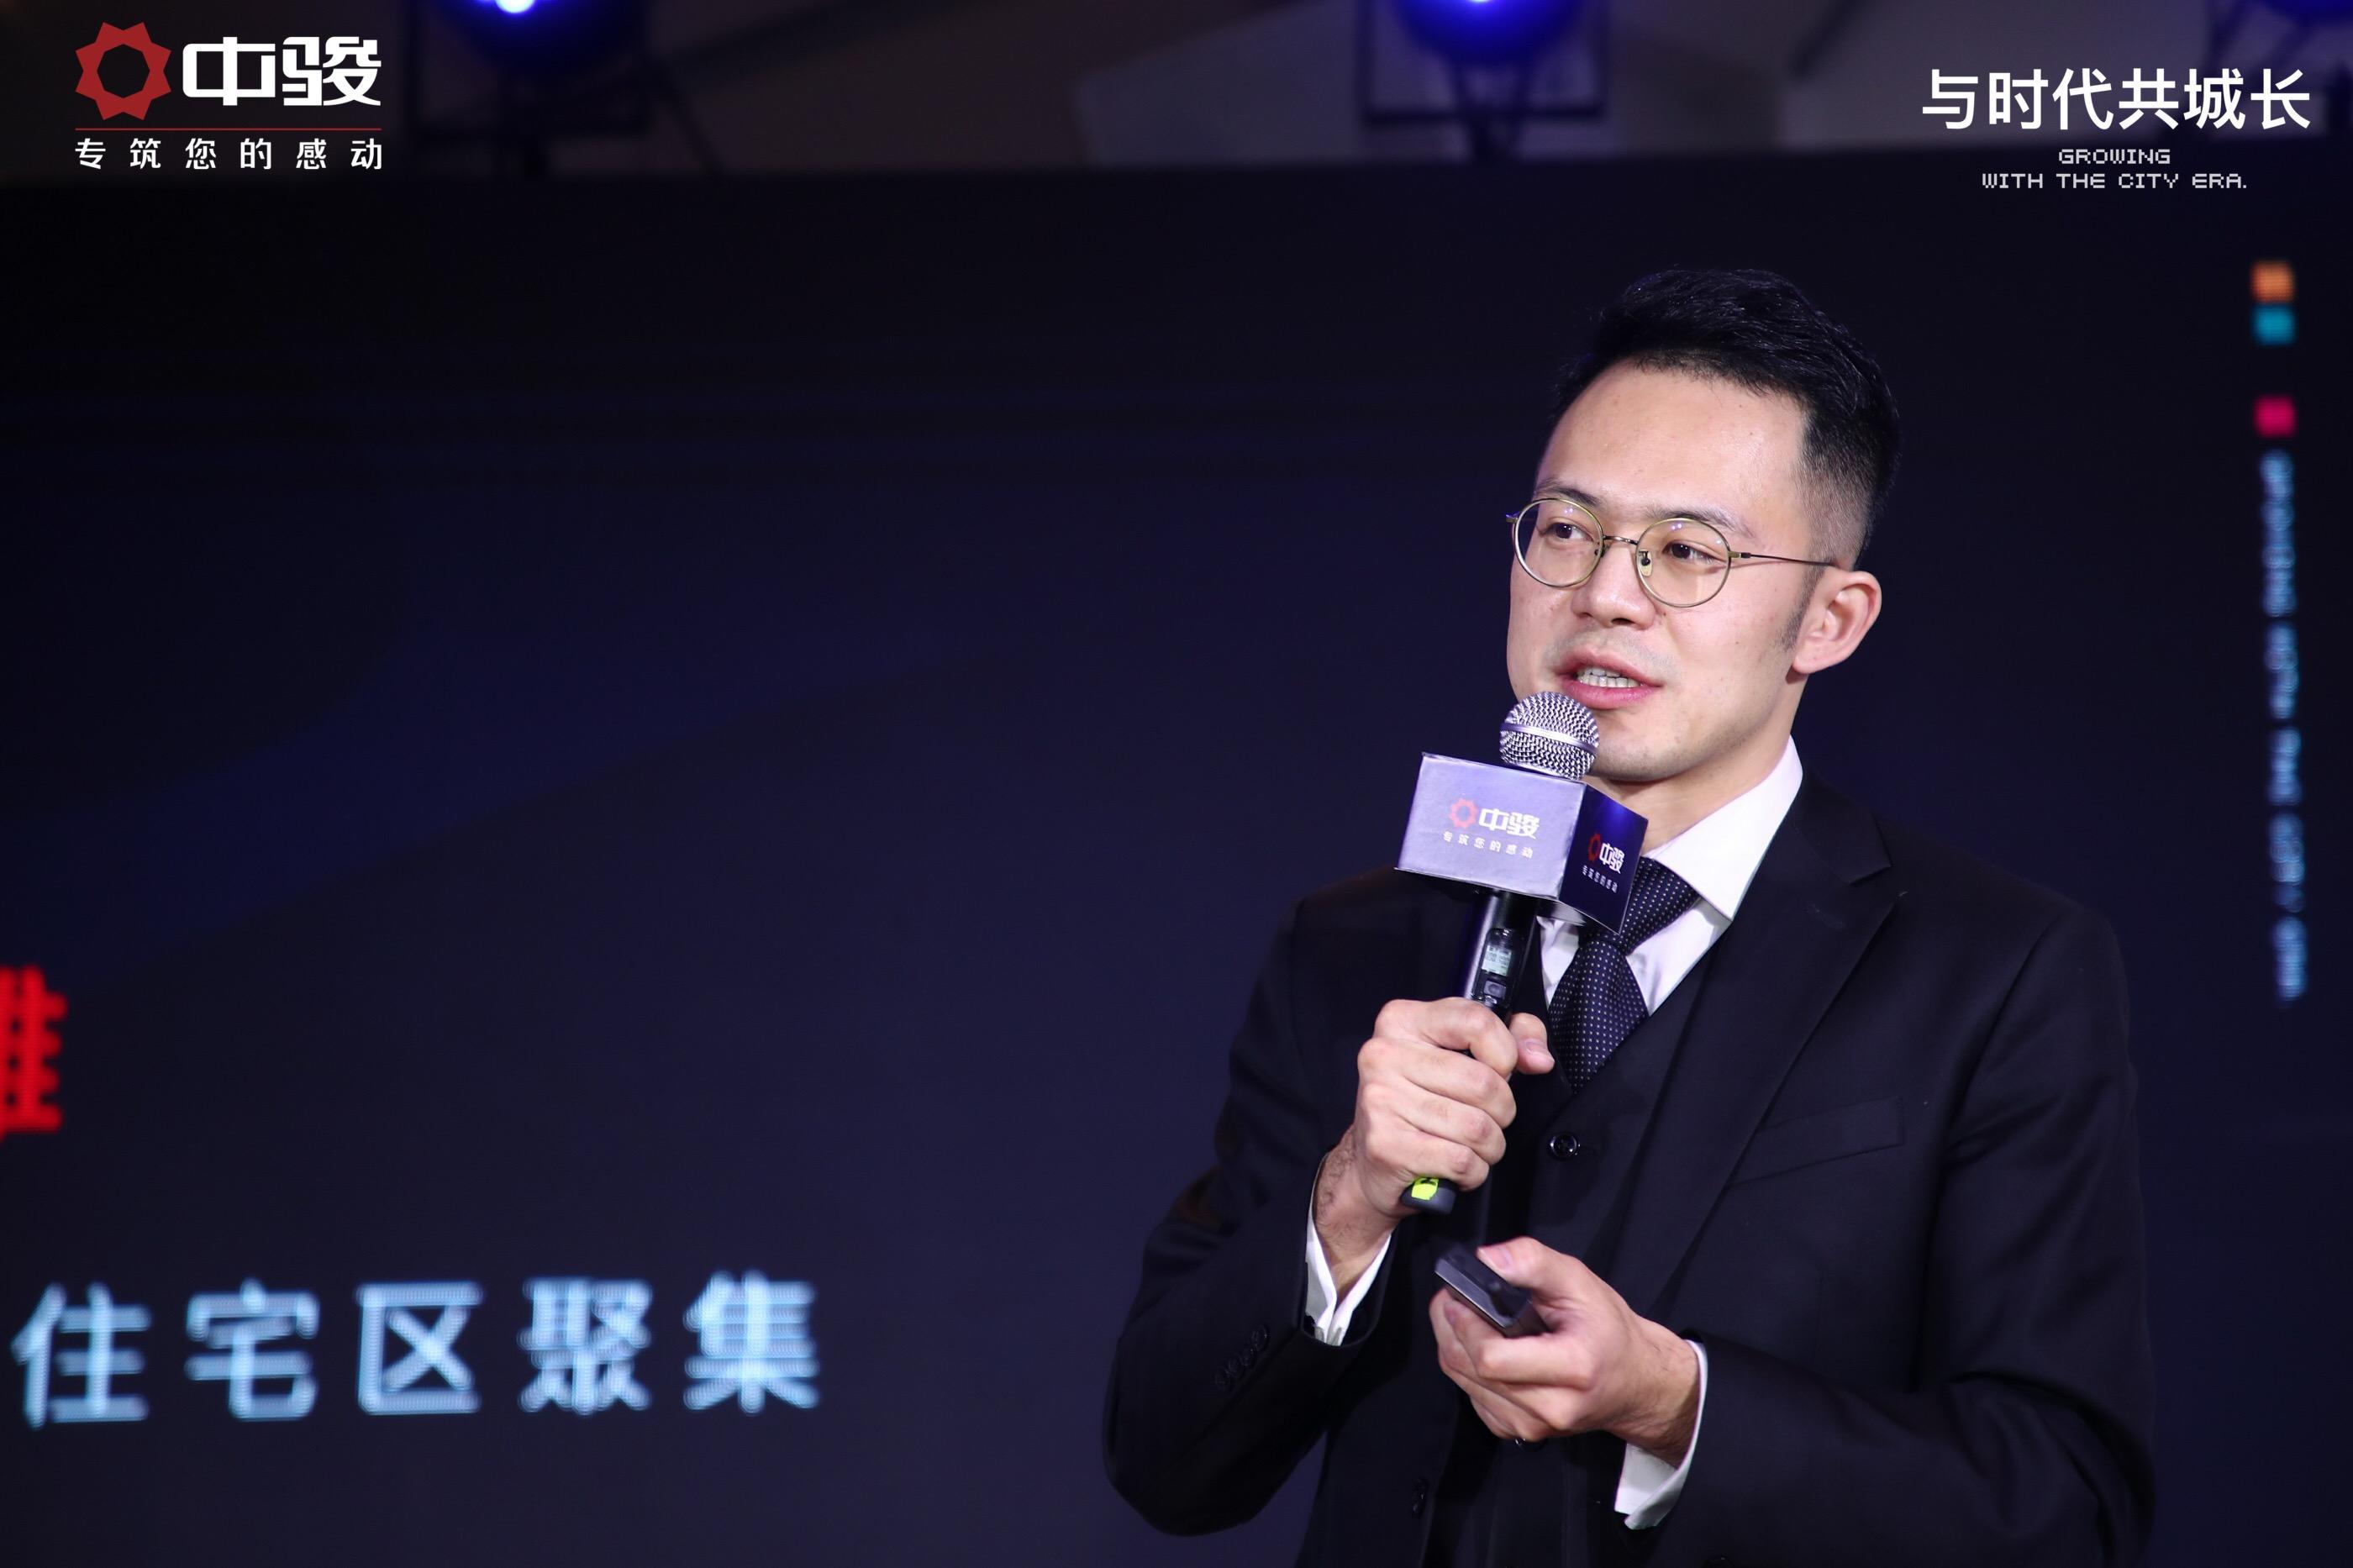 砥礪12年再啟程 中駿北京的城市運營之路-中國網地産